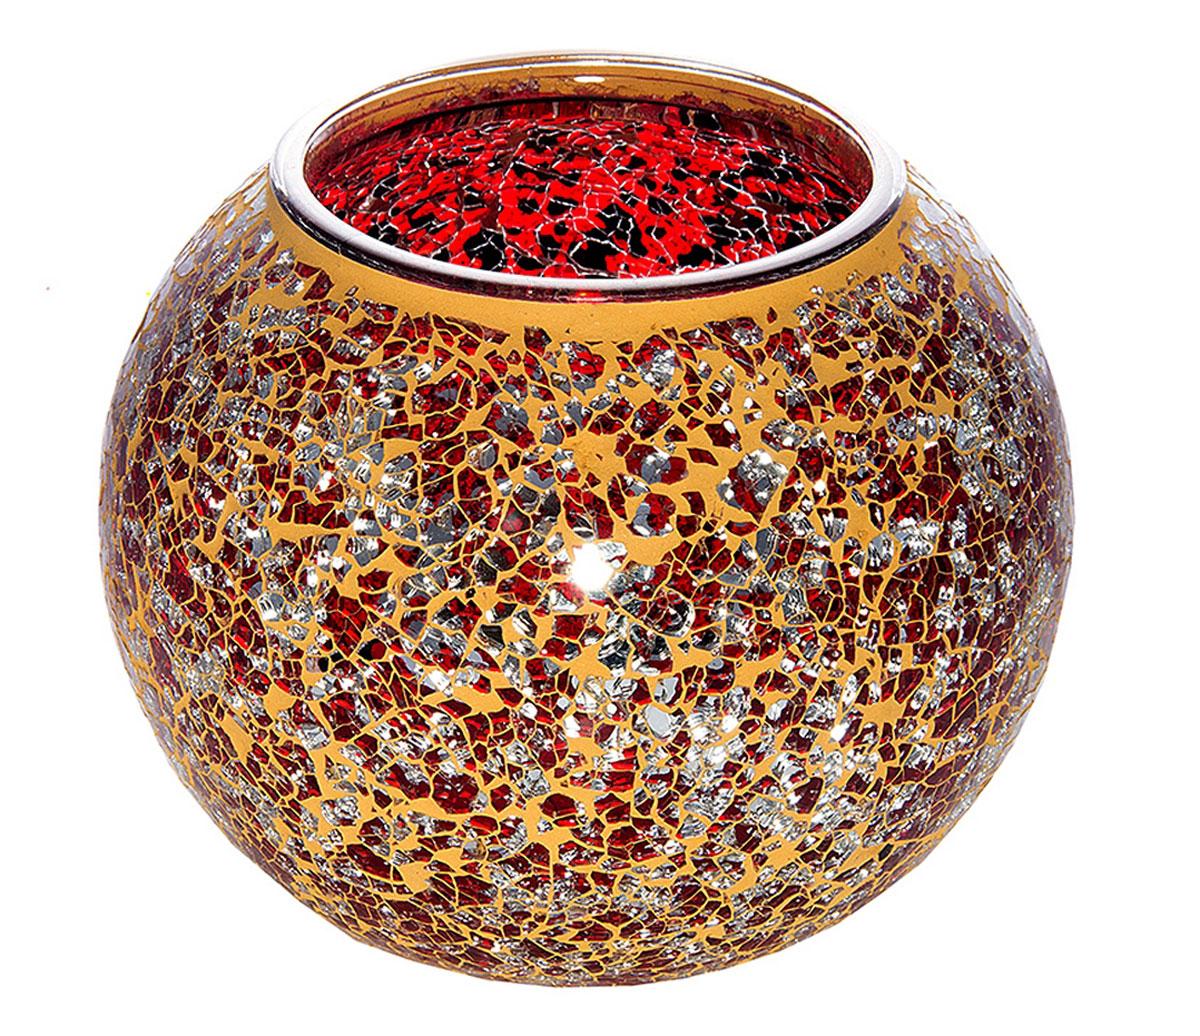 Ваза Русские Подарки Мозаика, 21 х 21 х 16 см. 8670654 009312Ваза Русские Подарки, выполненная из стекла, украсит интерьер вашего дома или офиса. Оригинальный дизайн и красочное исполнение создадут праздничное настроение.Такая ваза подойдет и для цветов, и для декора интерьера. Кроме того - это отличный вариант подарка для ваших близких и друзей.Правила ухода: мыть теплой водой с применением нейтральных моющих средств.Размер вазы: 21 х 21 х 16 см.